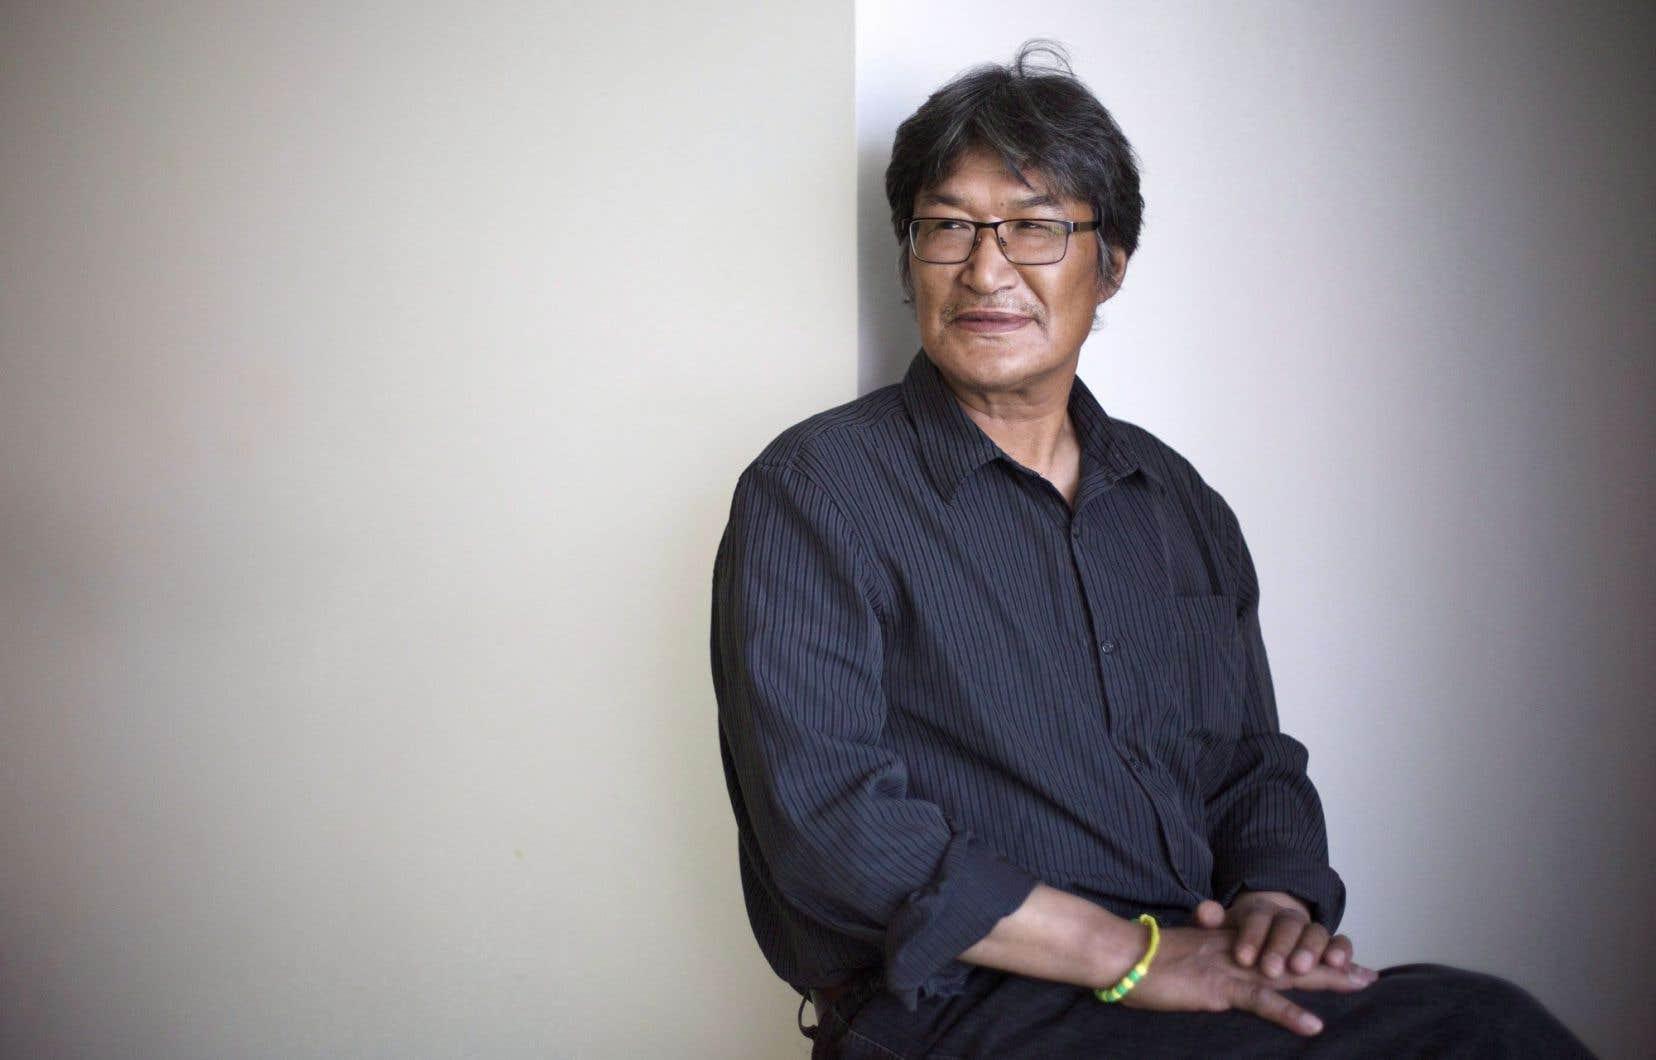 Kunuk est le premier cinéaste inuit à avoir tourné ses histoires en inuktitut et avec une équipe locale.